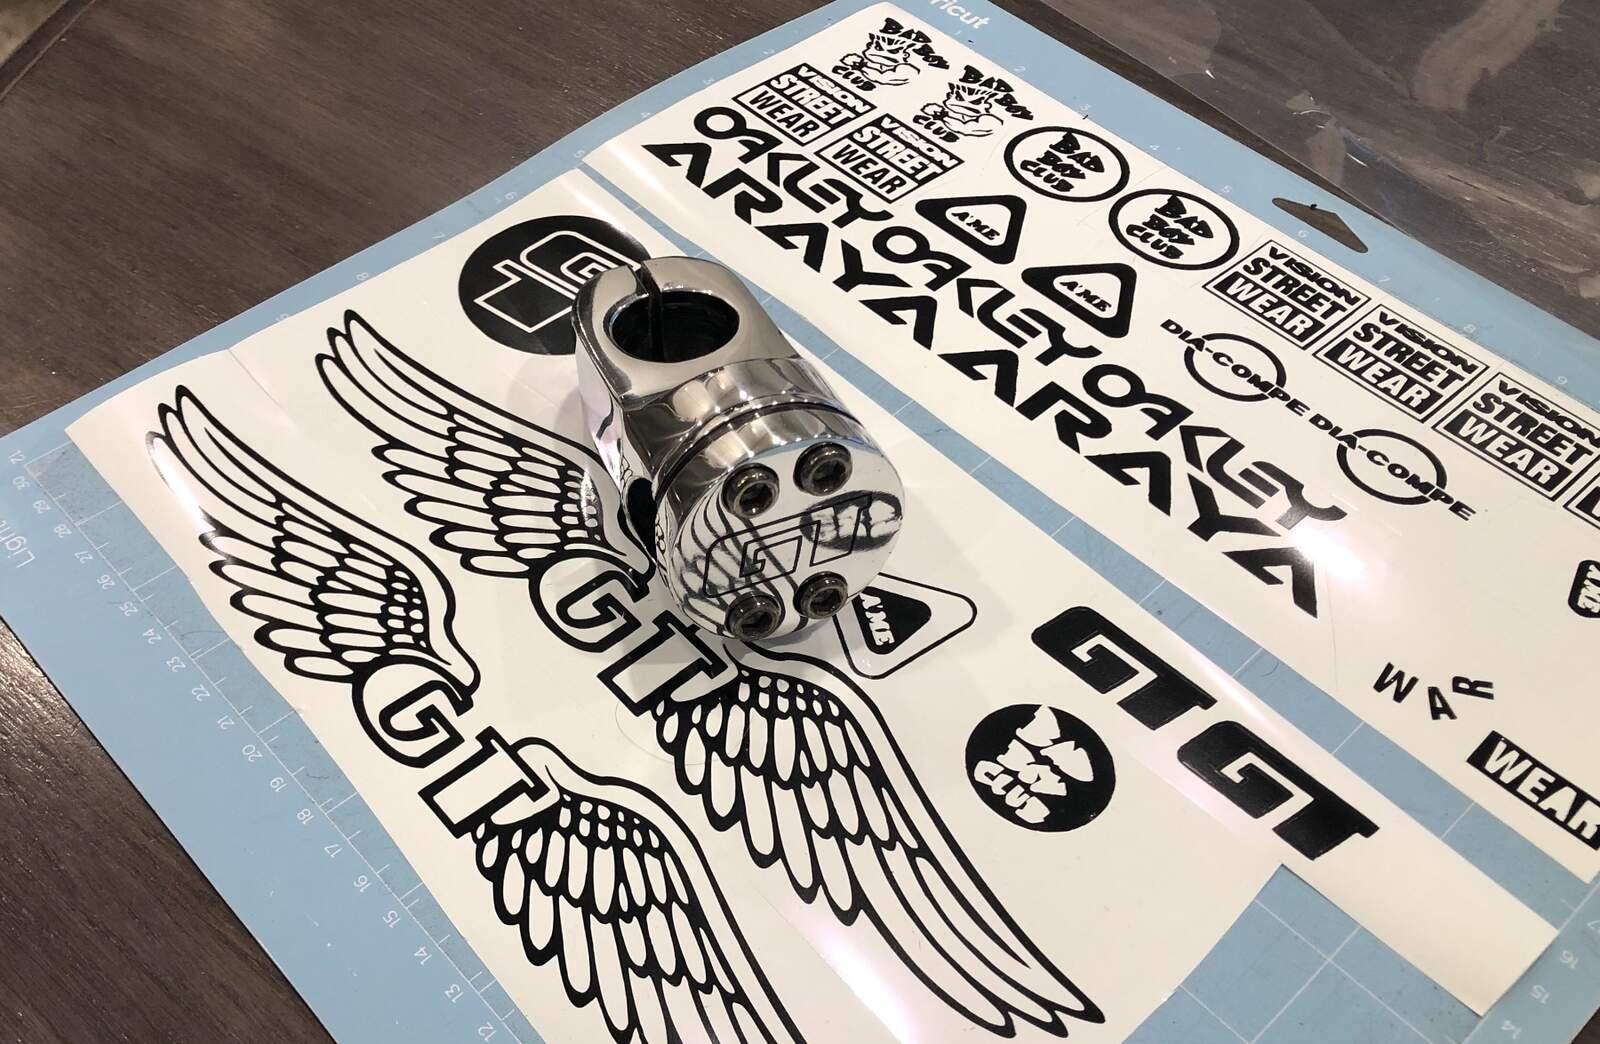 https://s3.amazonaws.com/uploads.bmxmuseum.com/user-images/42786/fae02dbe-e9ac-4c01-b92c-b6ad9ed899dc60ac89d603.jpeg